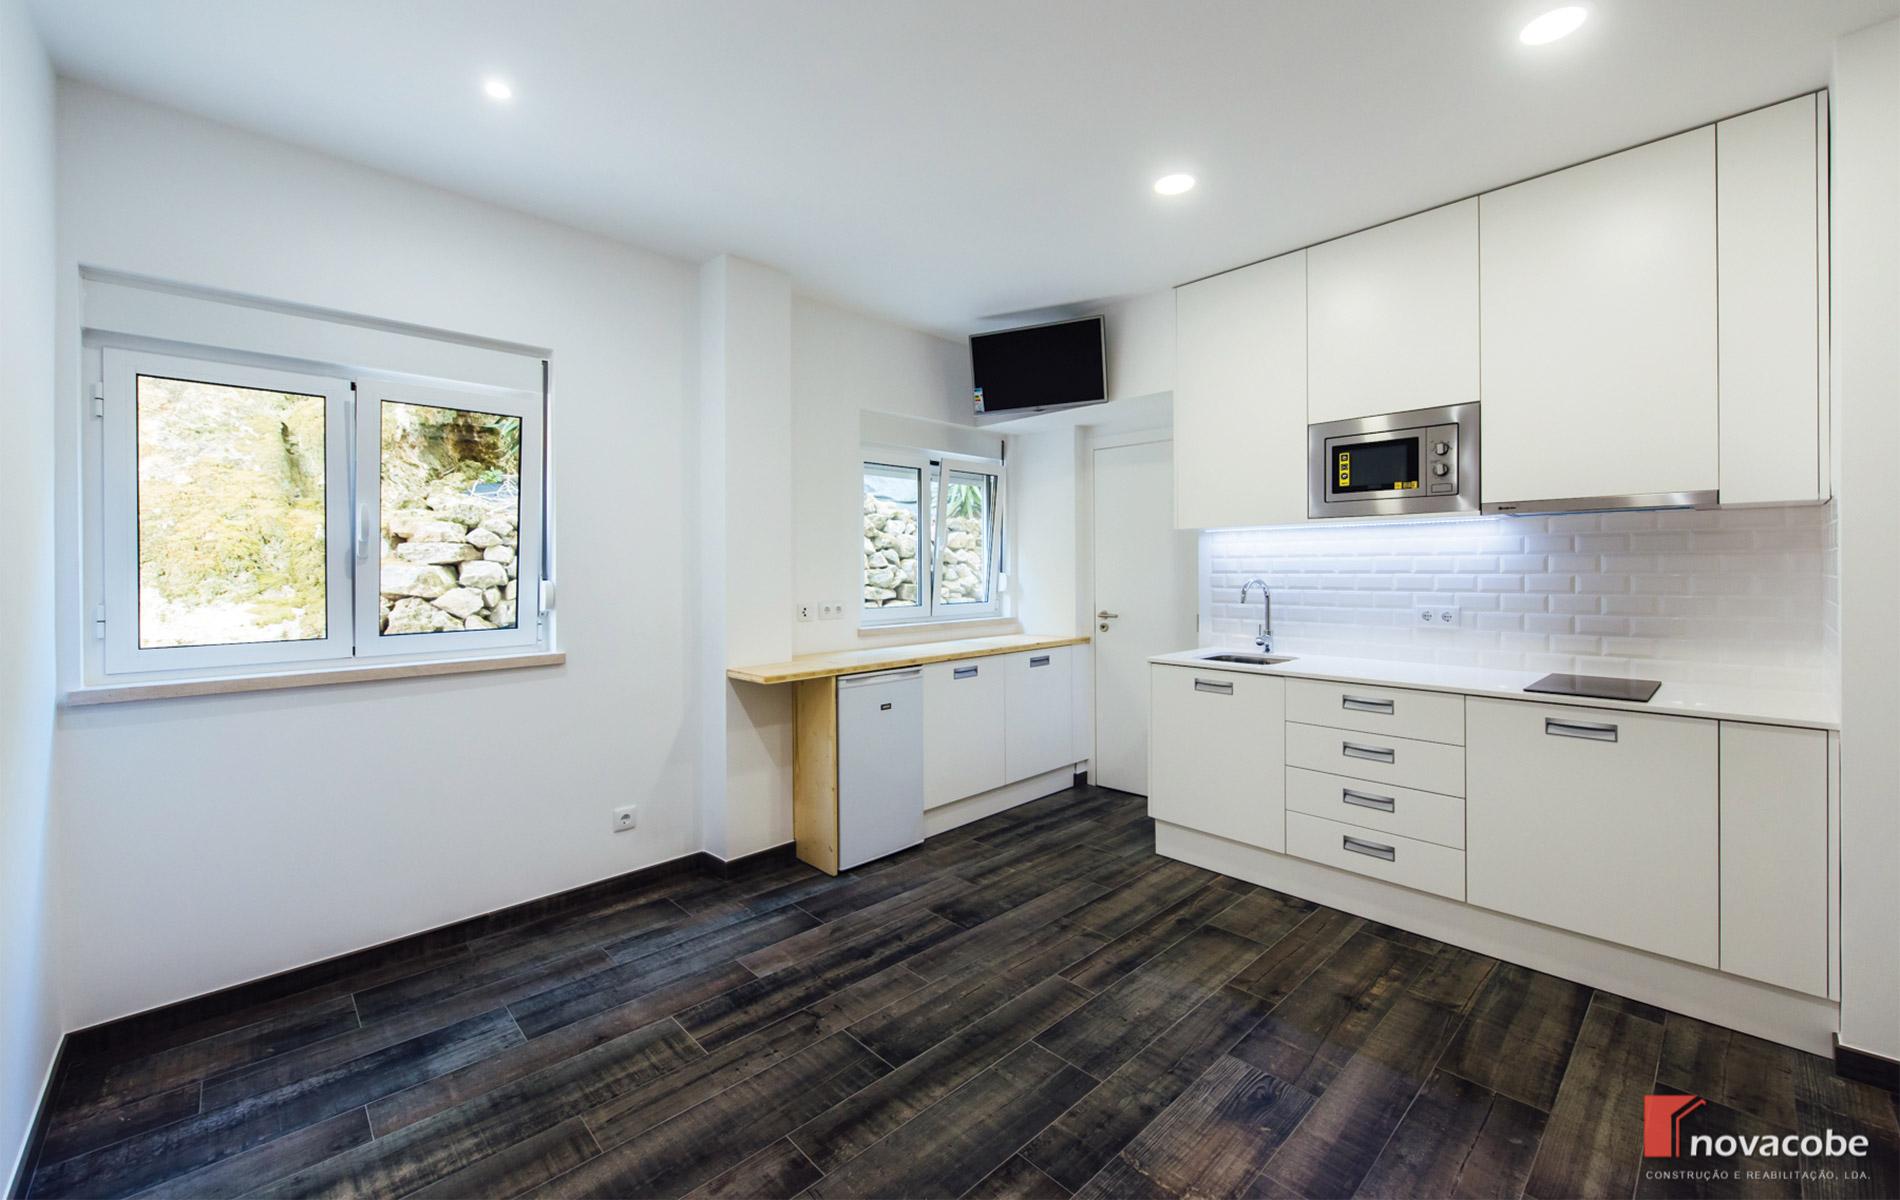 remodelação apartamento, são martinho do porto - novacobe (4)